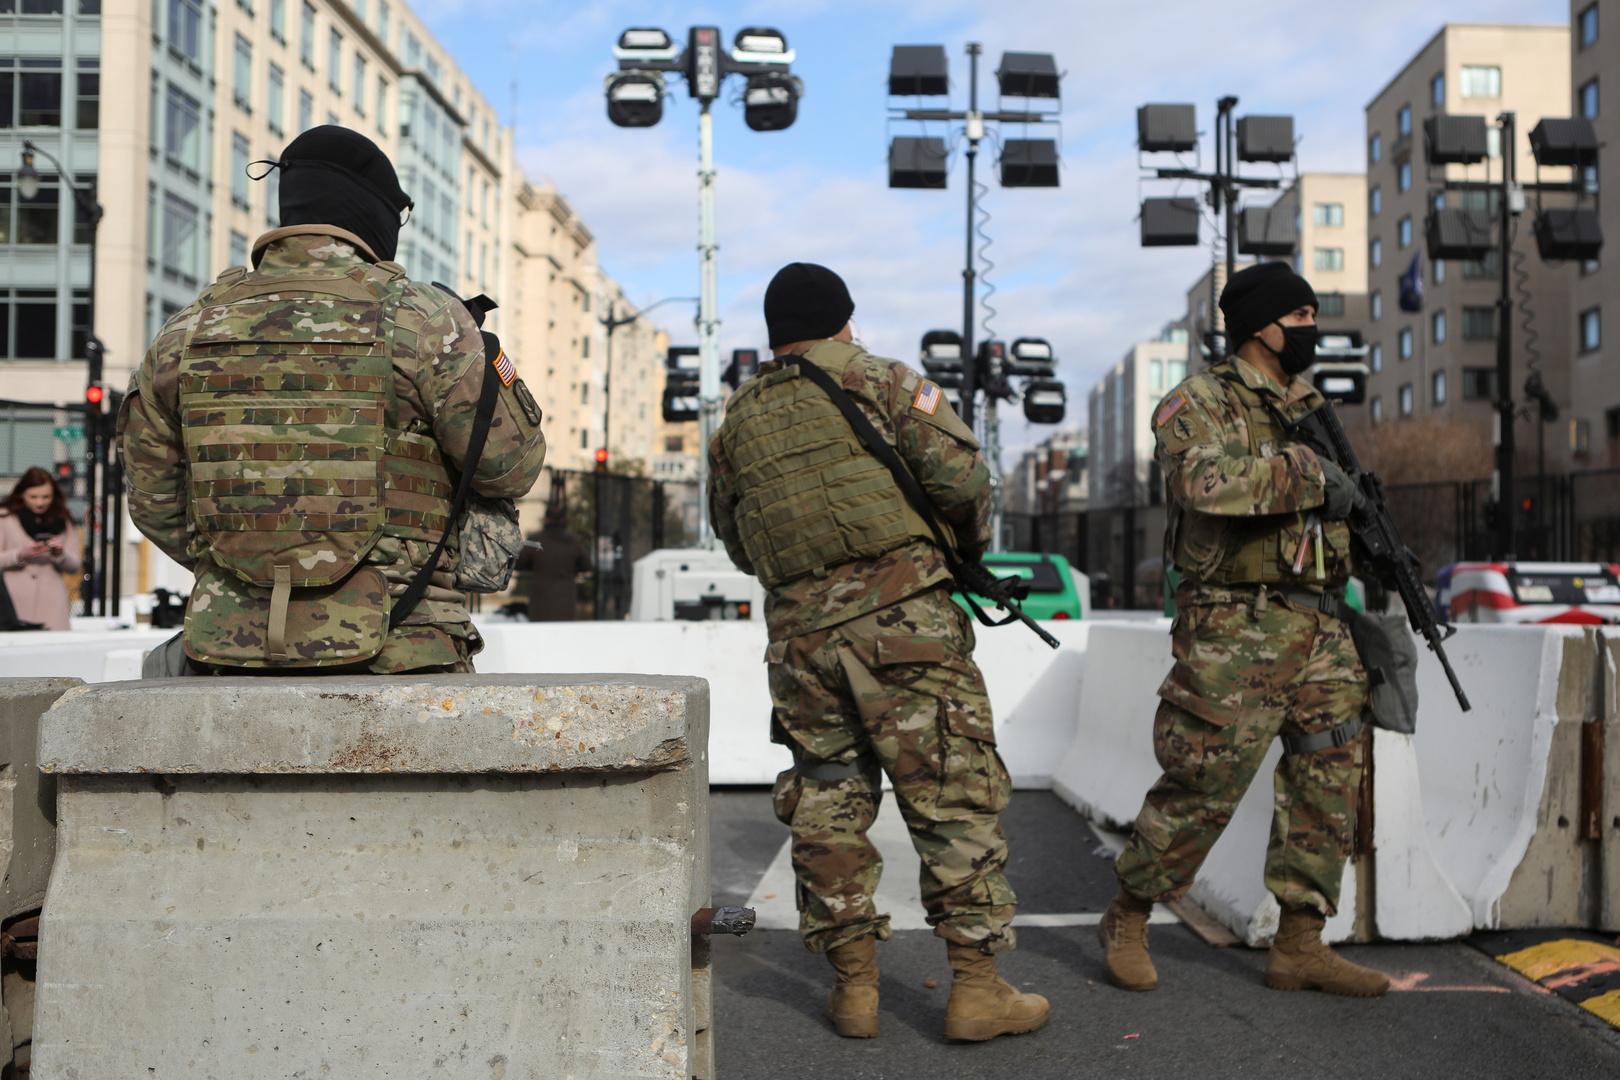 مجموعة من عناصر الحرس الوطني الأمريكي في واشنطن